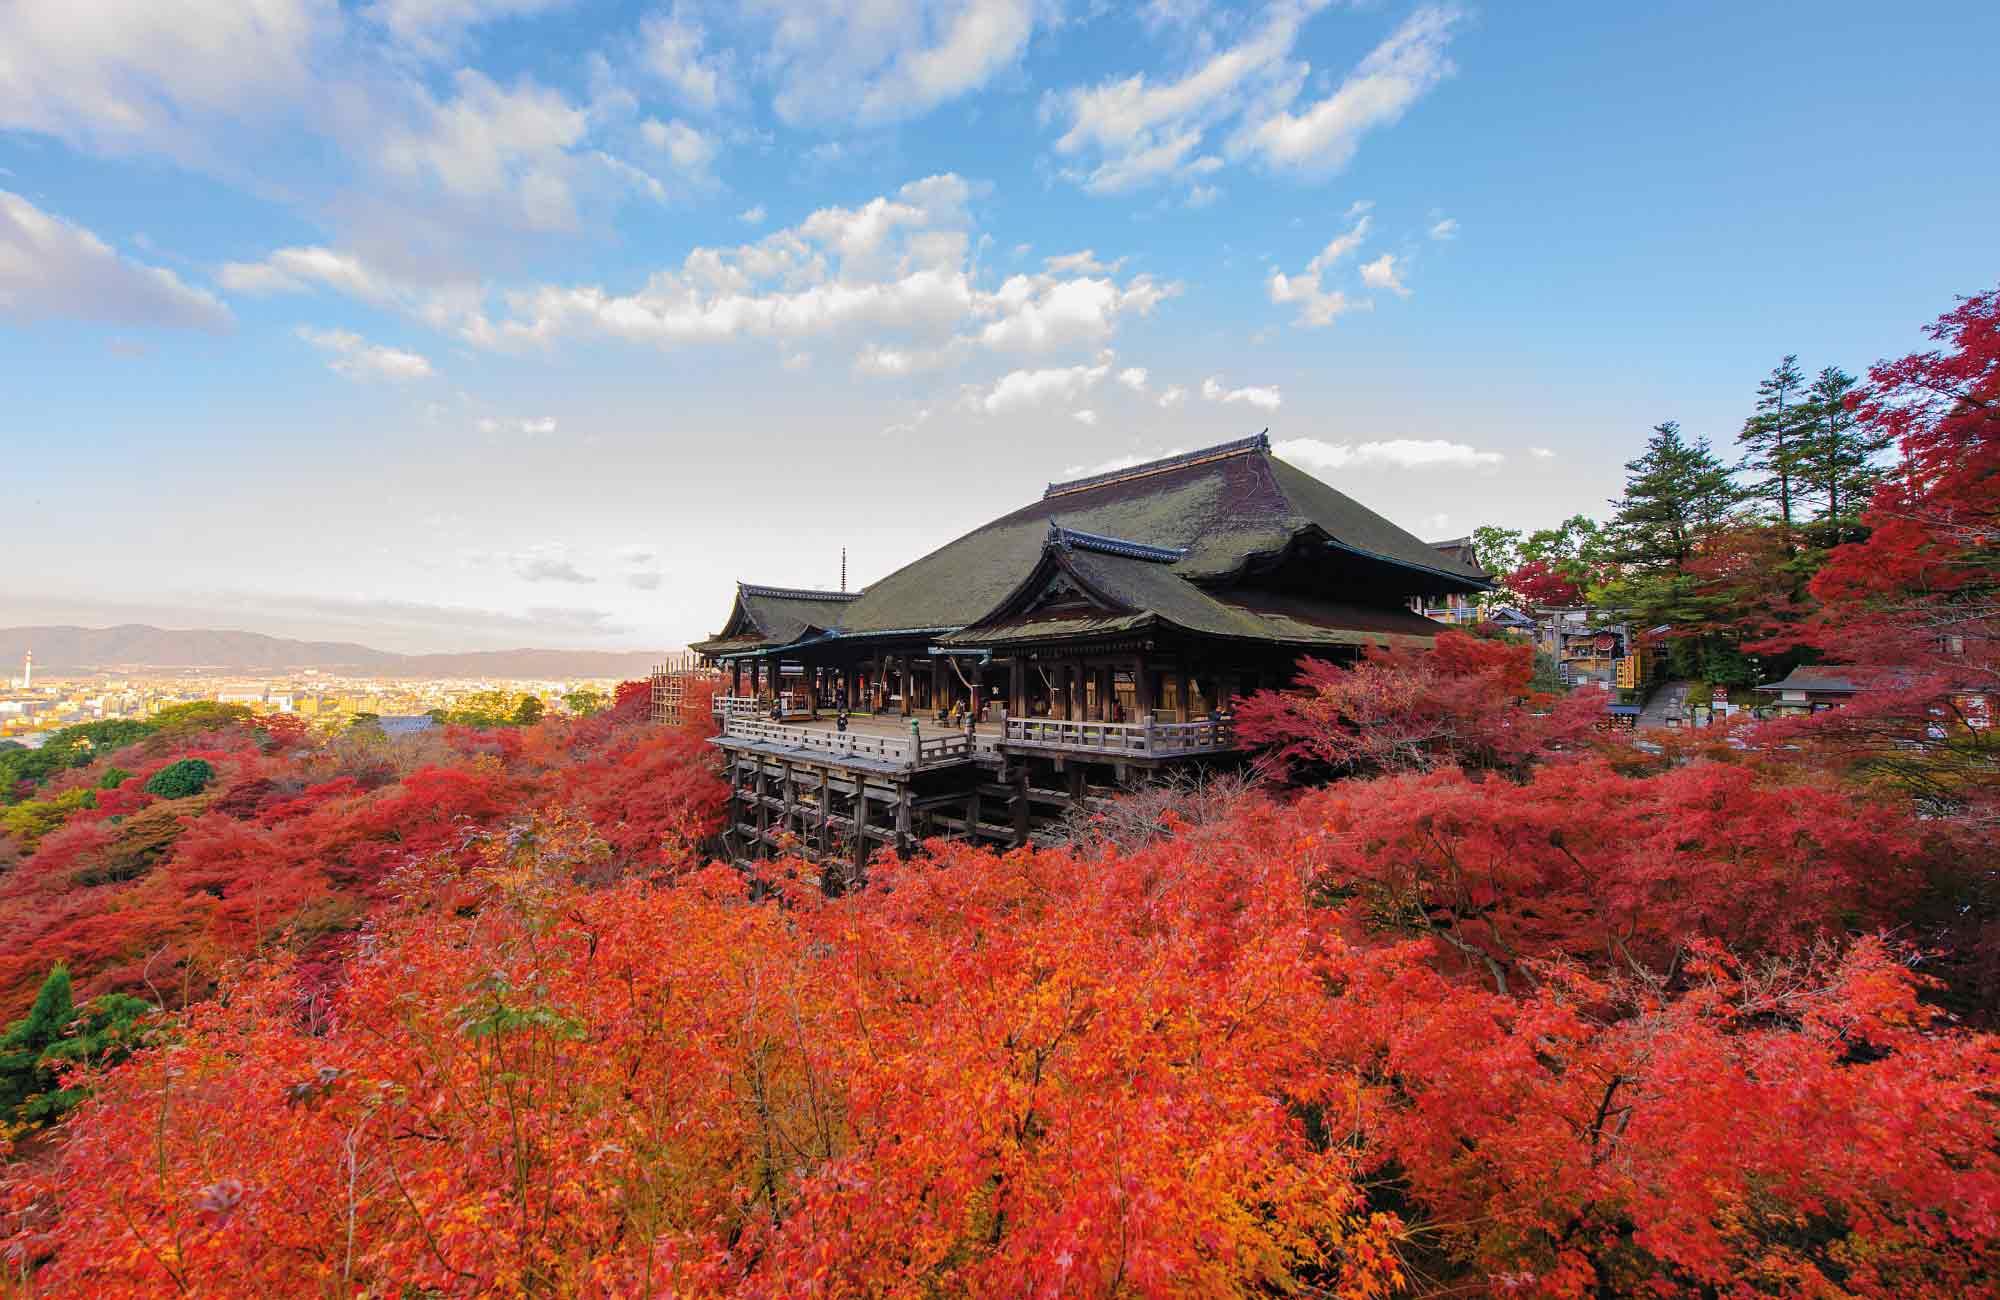 momijigari en automne, meilleure période pour partir au Japon par Amplitudes